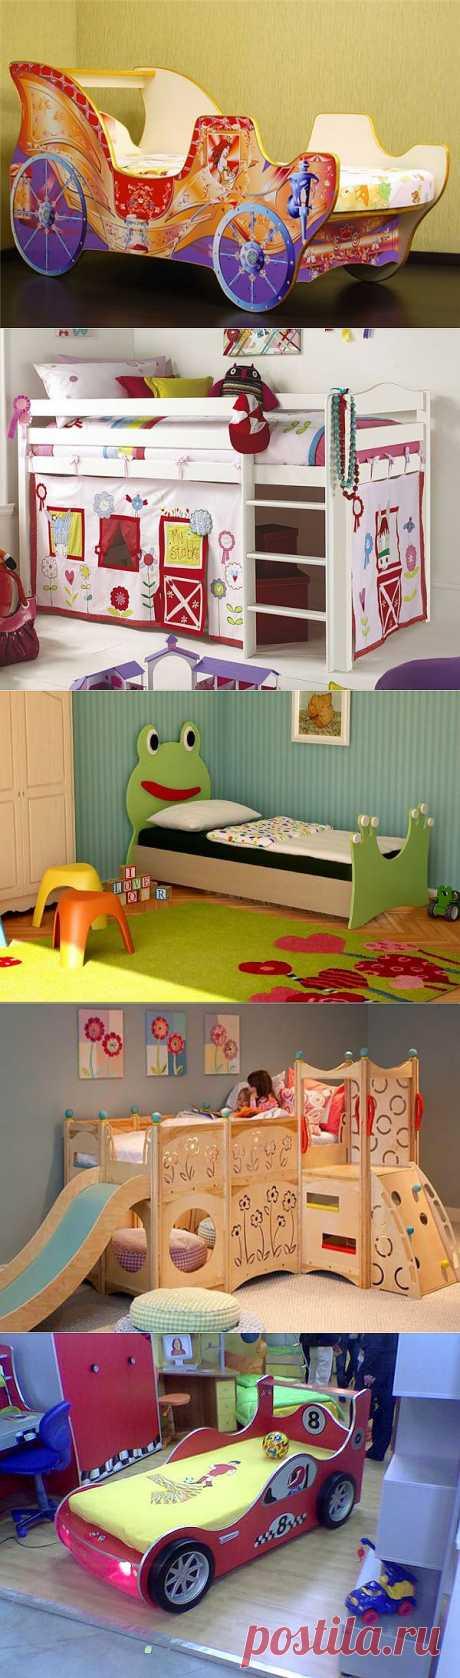 Оригинальный дизайн детских кроваток.